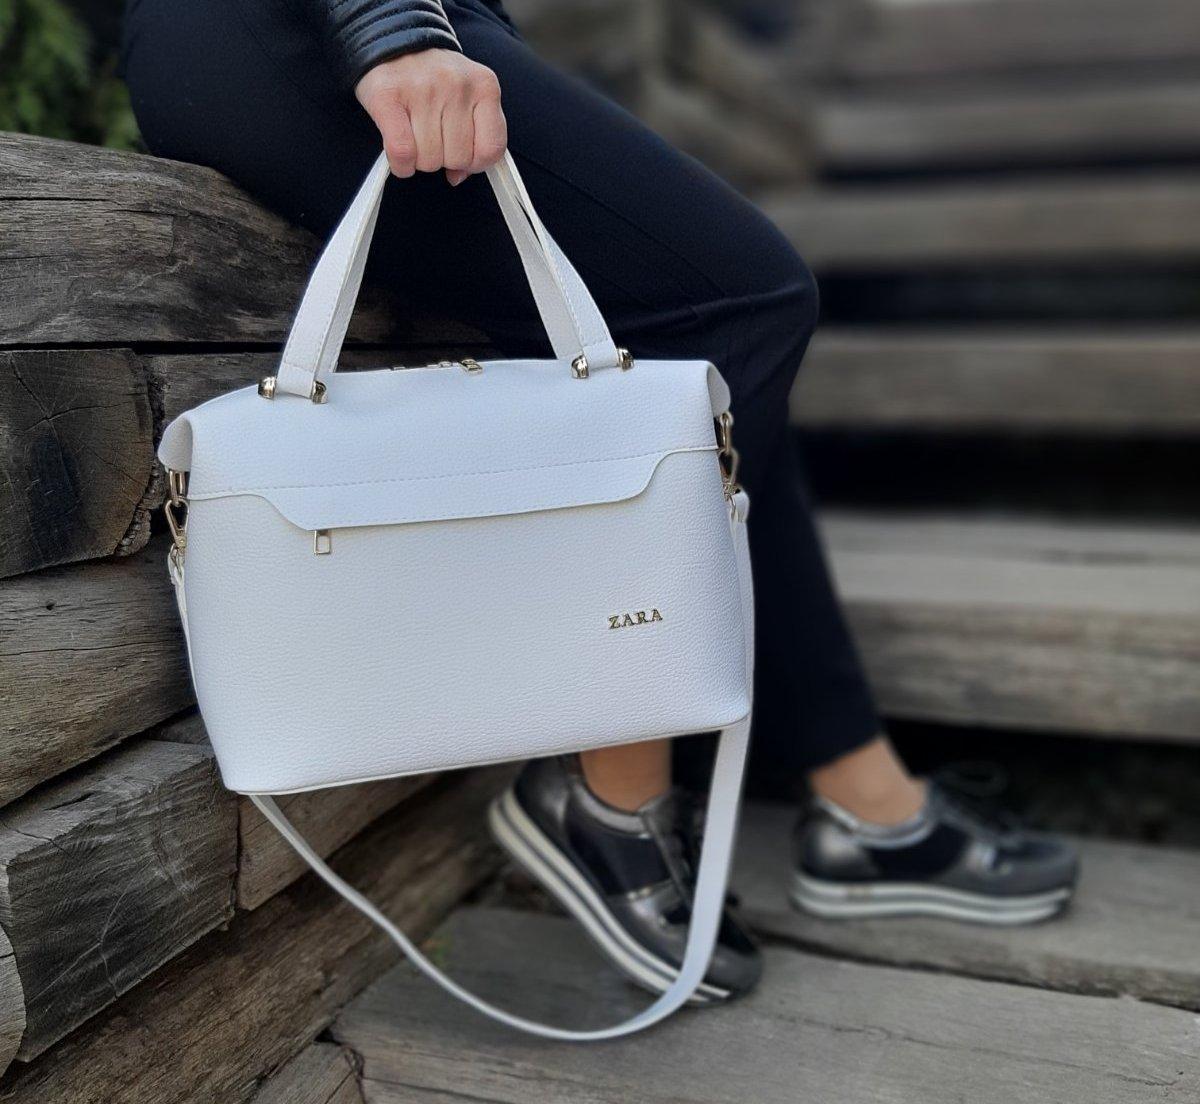 Большая женская сумка на плечо белая модная городская саквояж шоппер брендовая кожзам